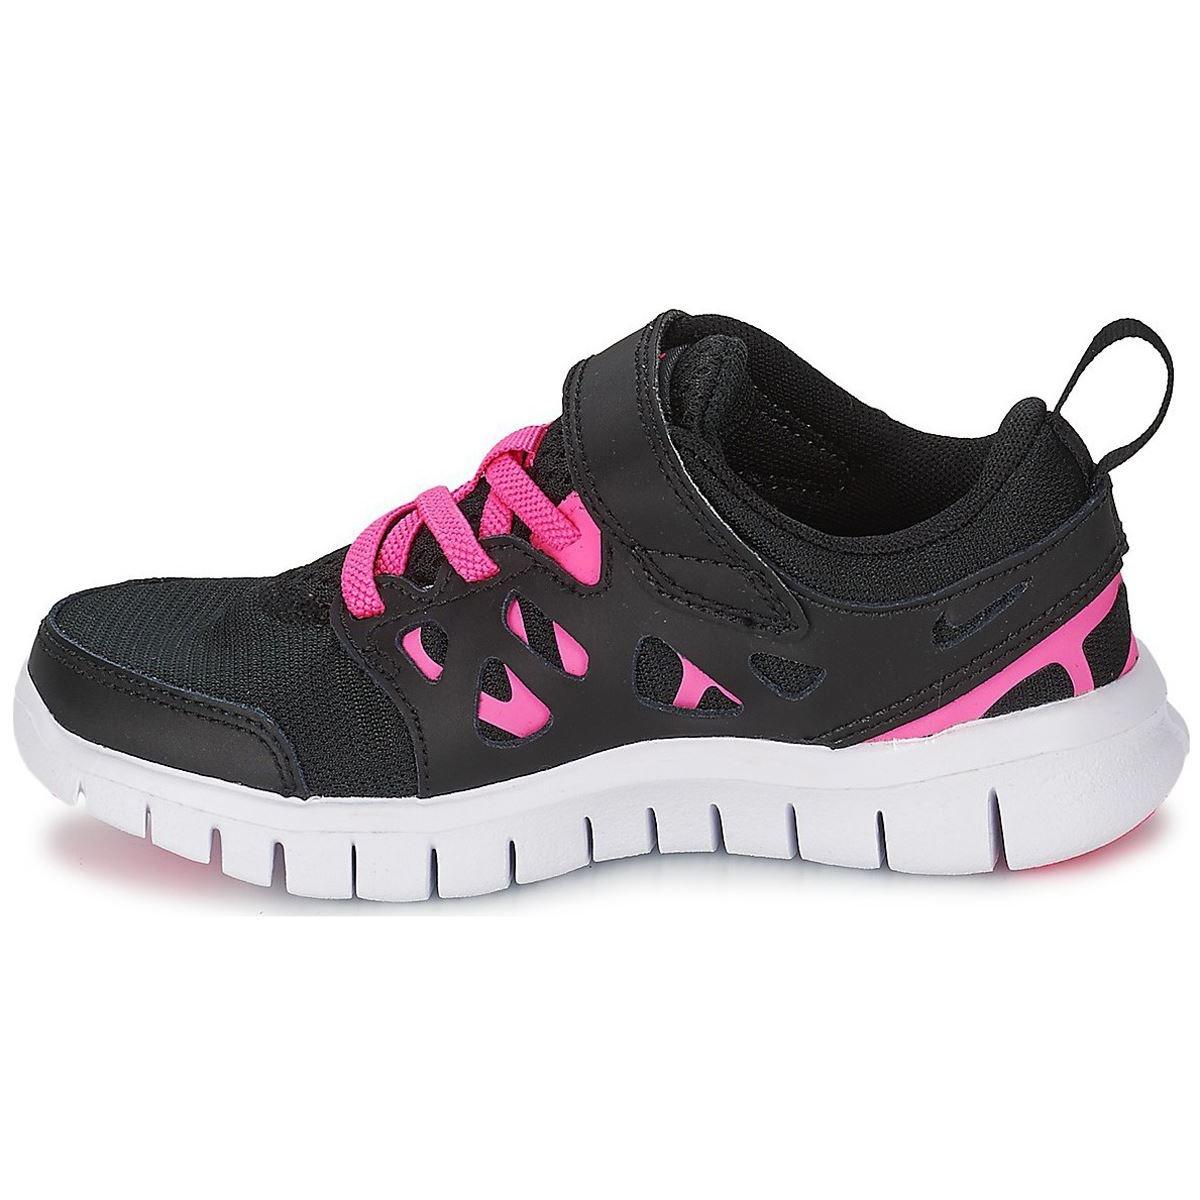 Nike Chaussures Distance De R 2 Free Run A5LqR34j